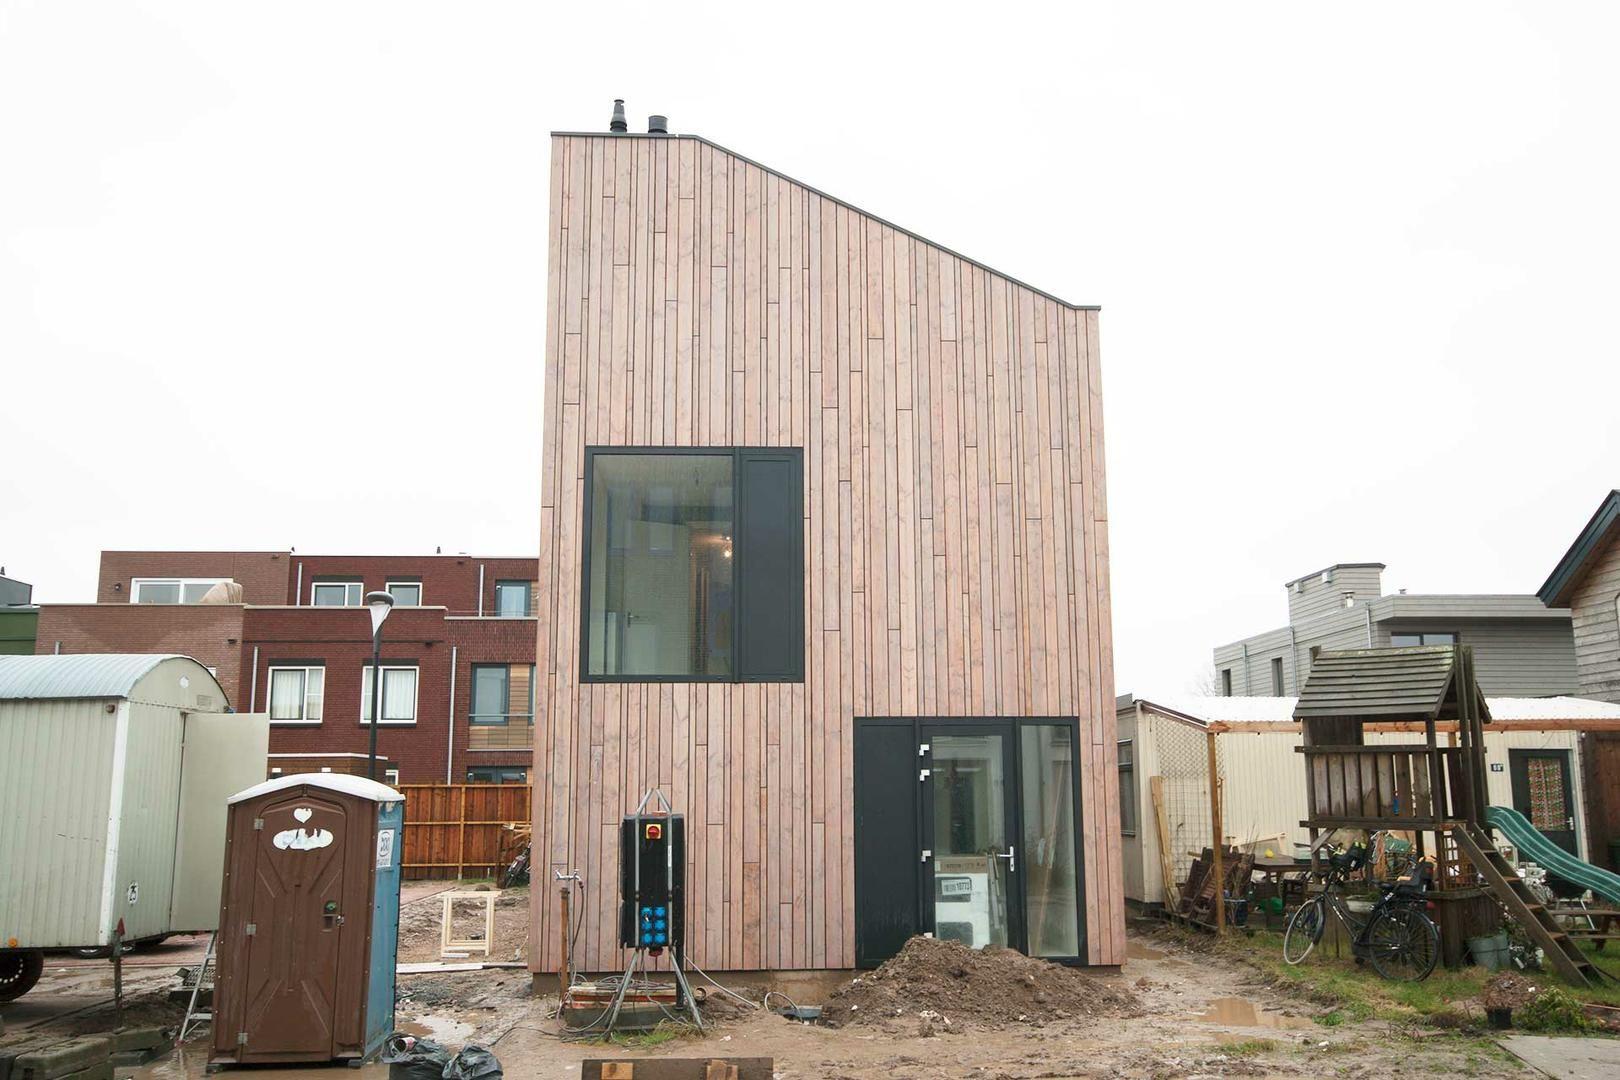 moderne vrijstaande cataloguswoning / zelfbouw woning Datcha house 3 met gevel van hout - Vossepels / Plant Je Vlag, Nijmegen (Lent)